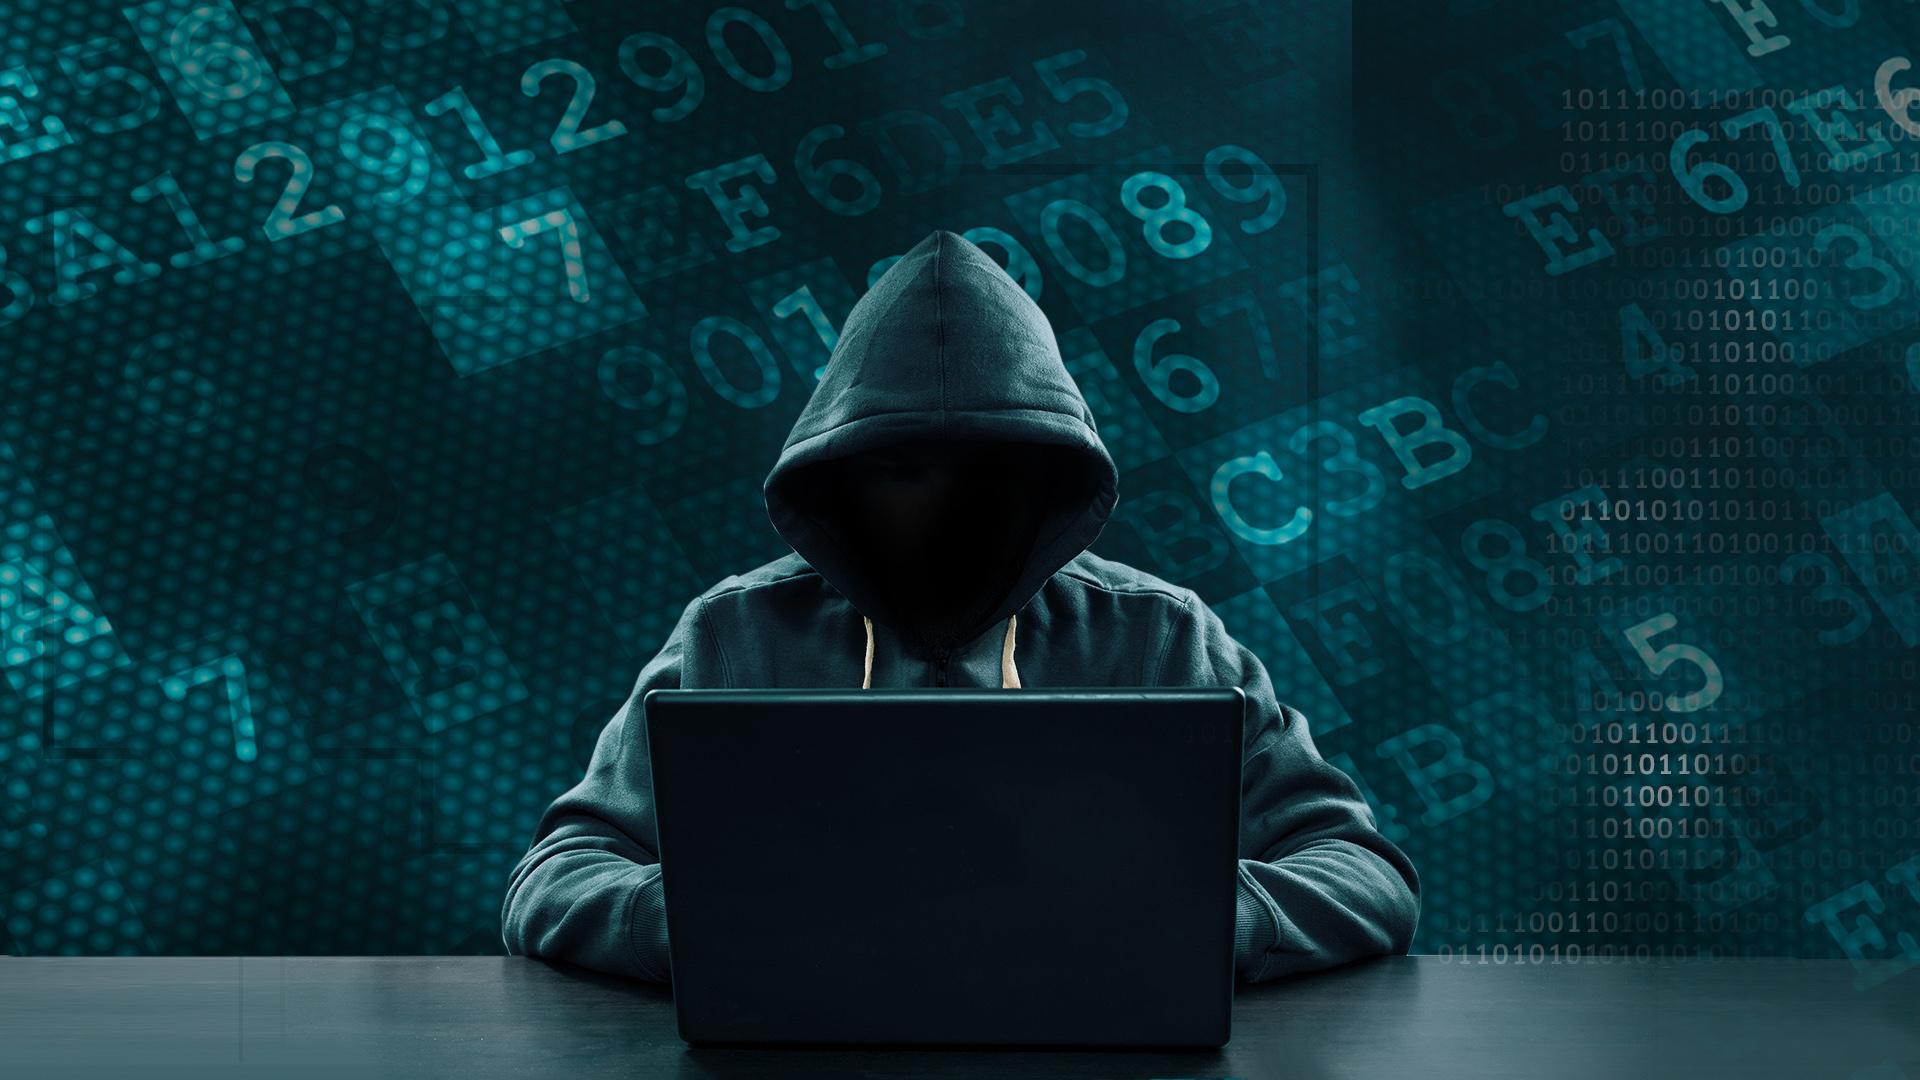 Identitätsdiebstahl Facebook